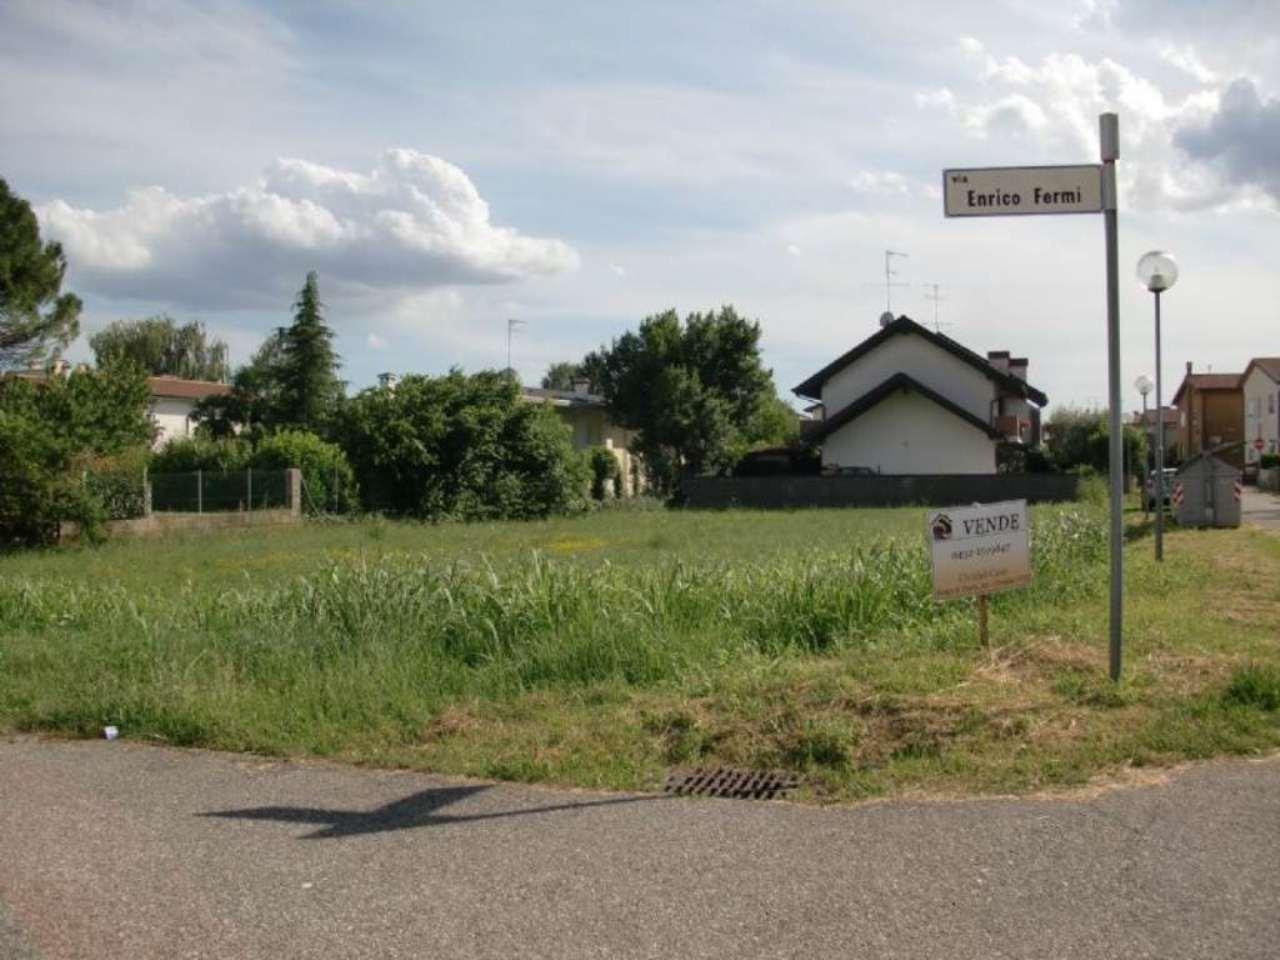 Terreno Edificabile Residenziale in vendita a Cividale del Friuli, 9999 locali, prezzo € 250.000 | Cambio Casa.it